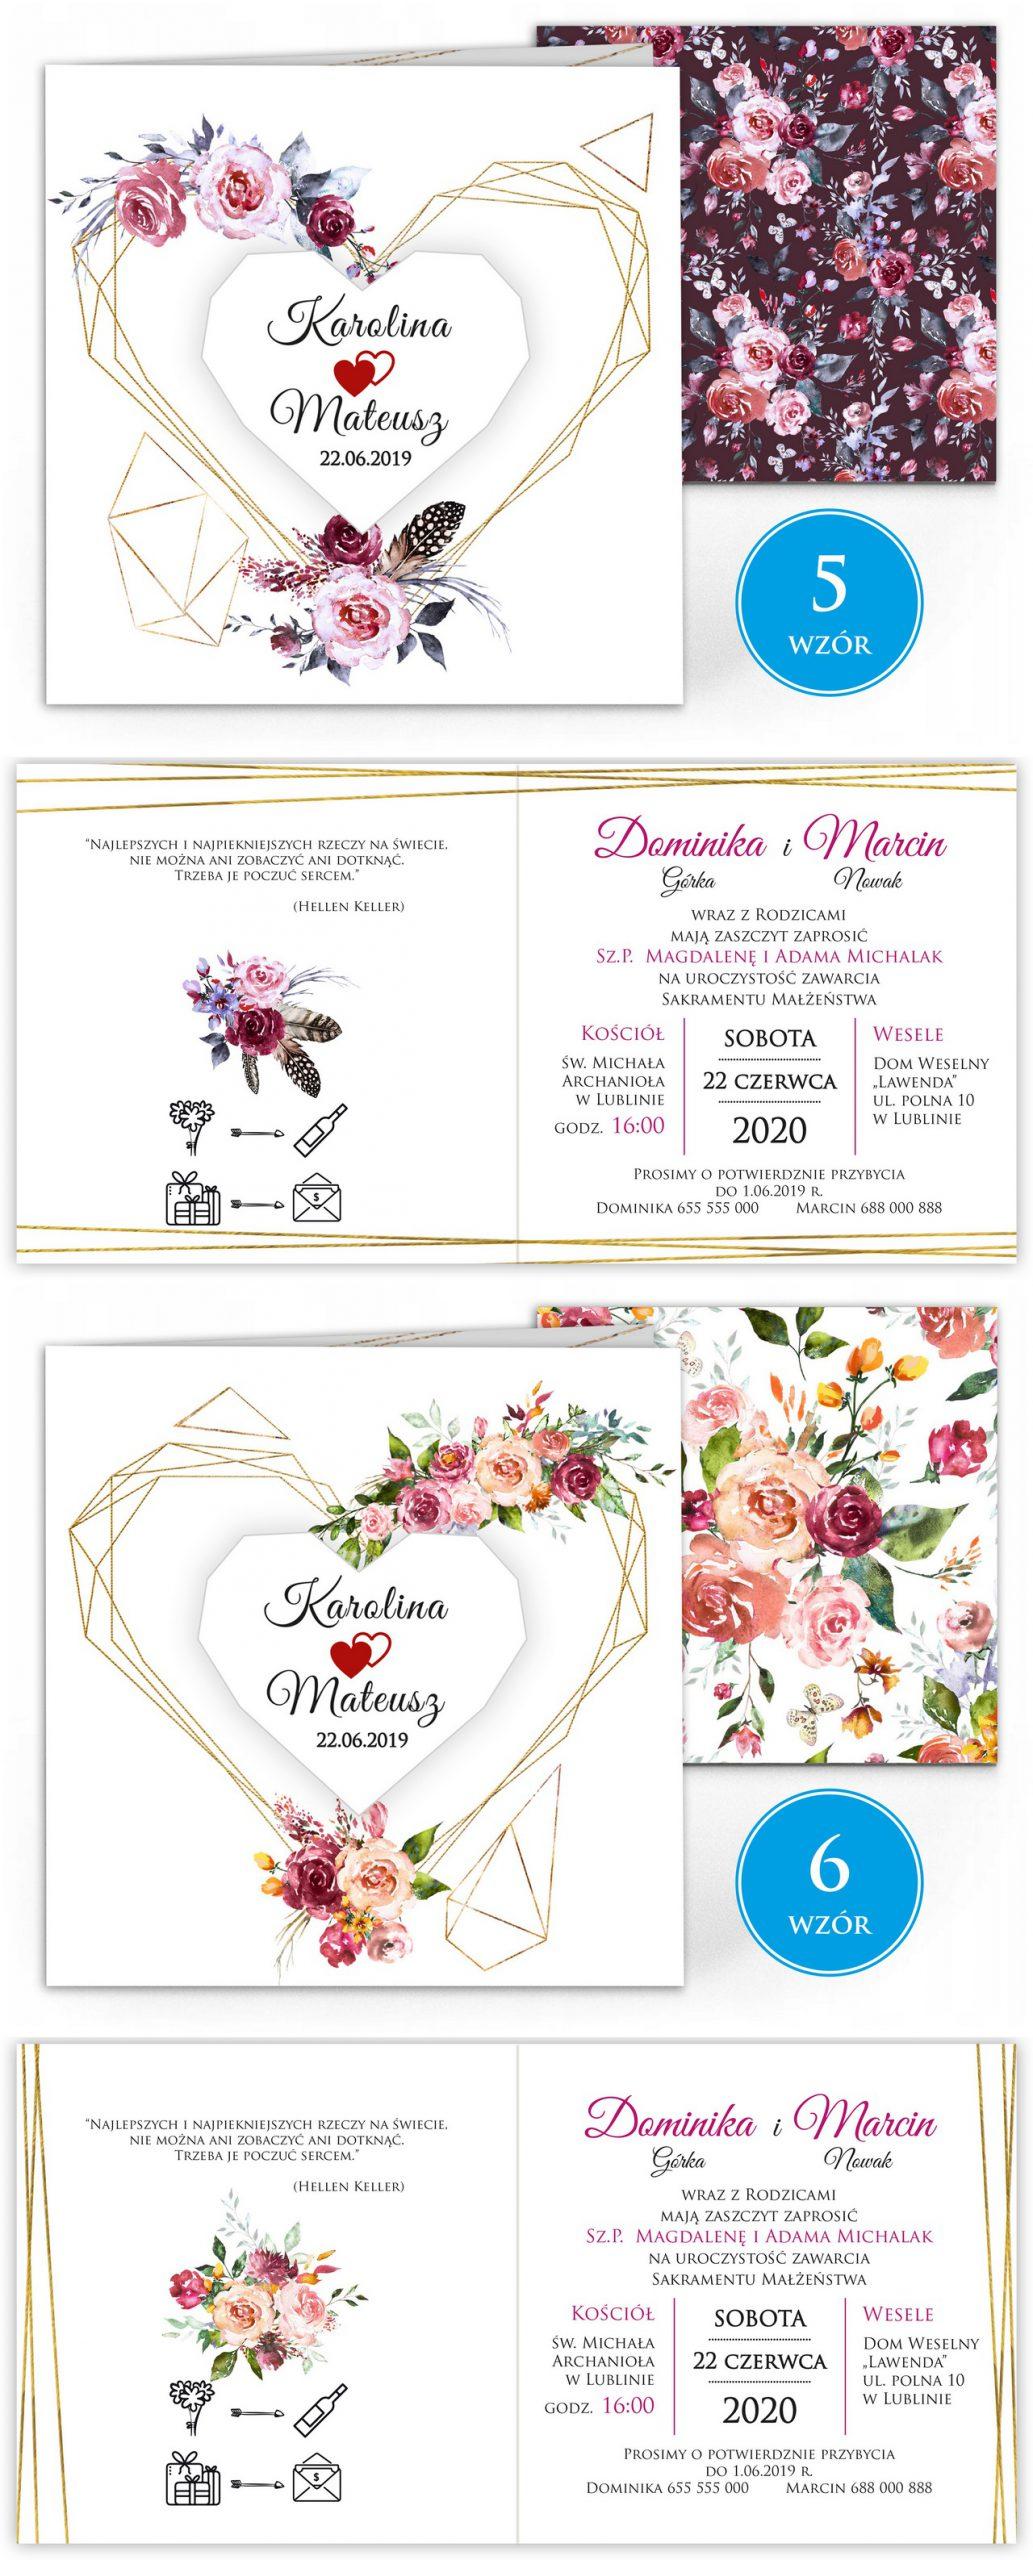 zaproszenia-ślubne-boho-rustykalne-kwiatowe--ramki-serca-geometryczne-ze-wstążką-Wenus3-plansza-wzory5-6